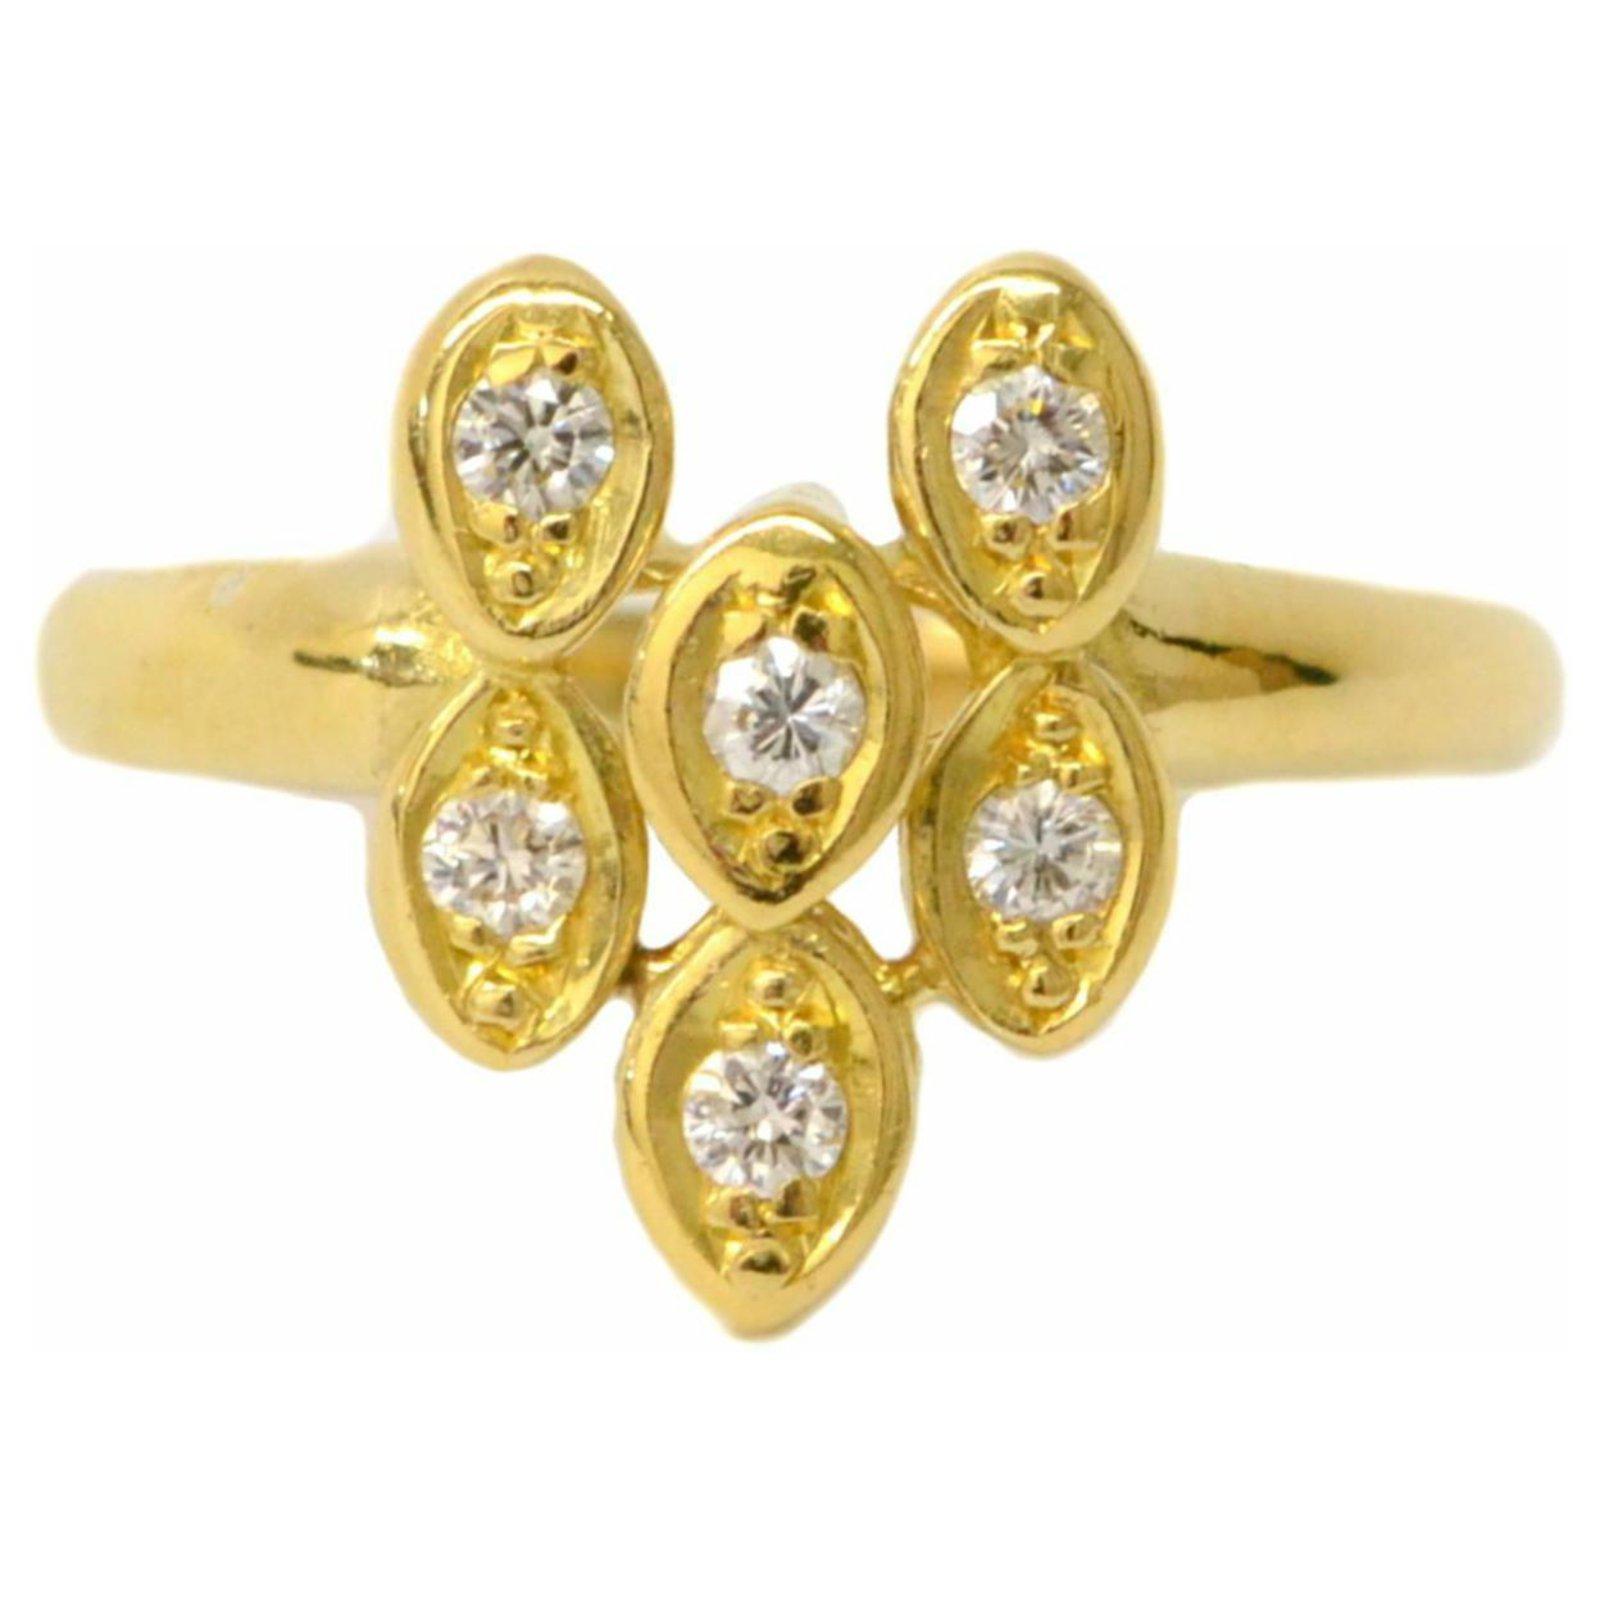 683bf308c289c Bagues Dior Bague Diamant Dior Or jaune Jaune ref.132255 - Joli Closet